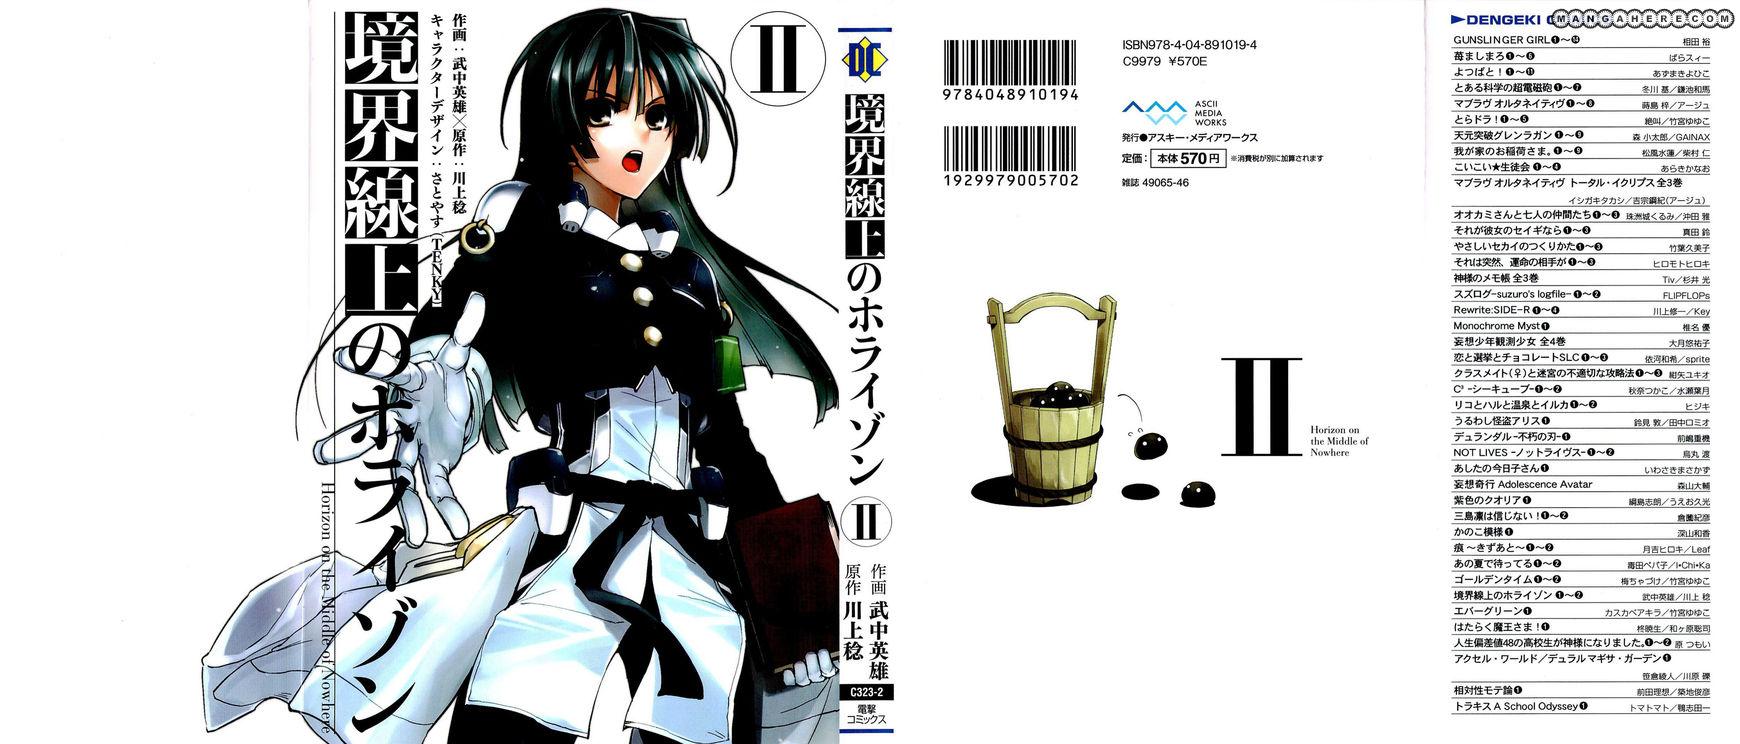 Kyoukai Senjou no Horizon 7 Page 1